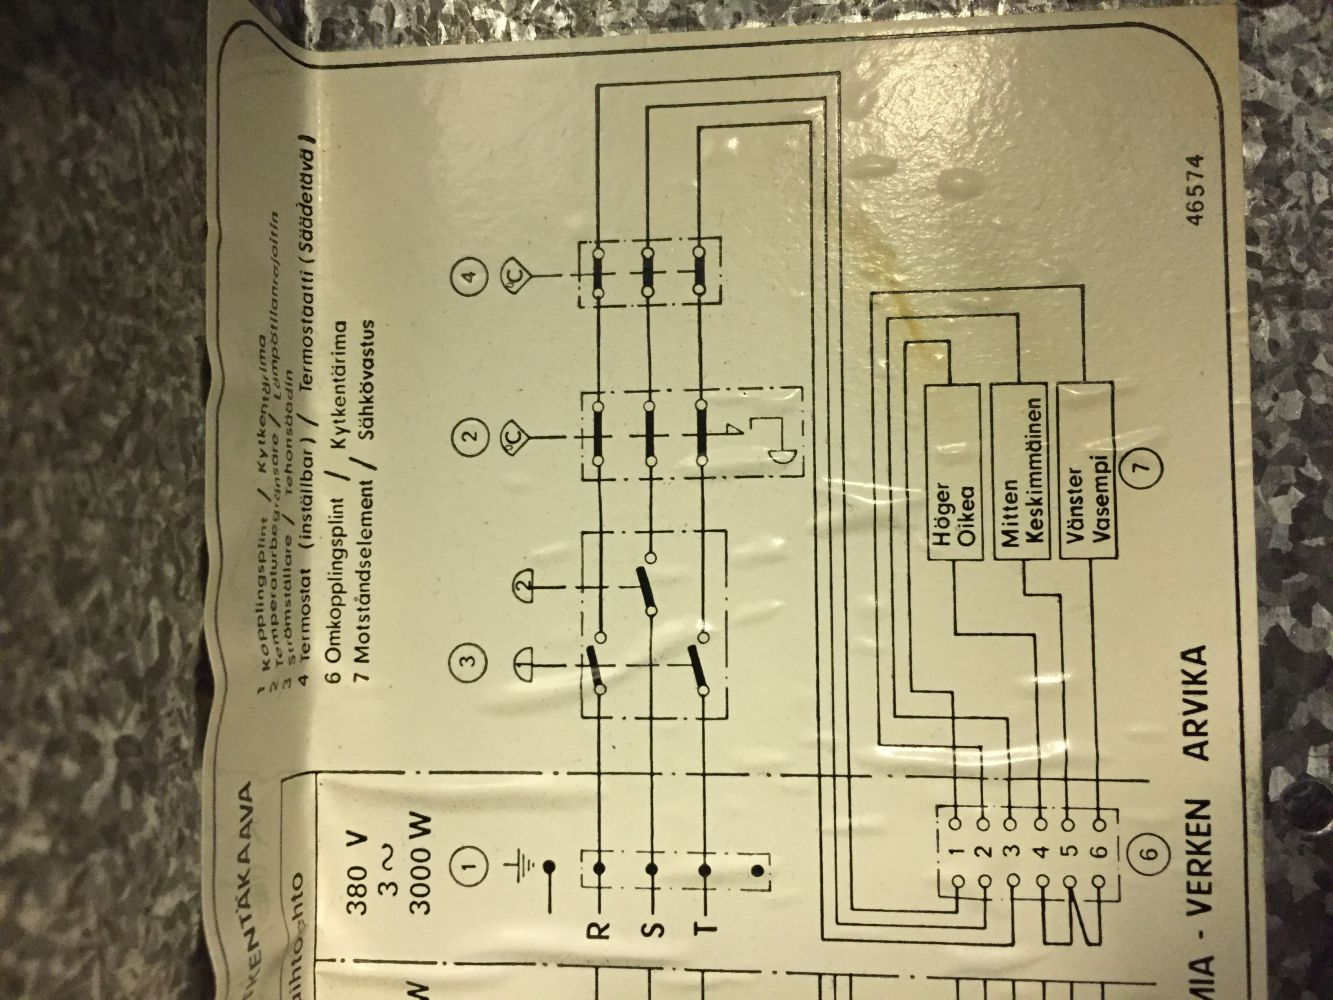 FFE65503-874D-406C-8FC8-69AFC8BB1A95.jpeg